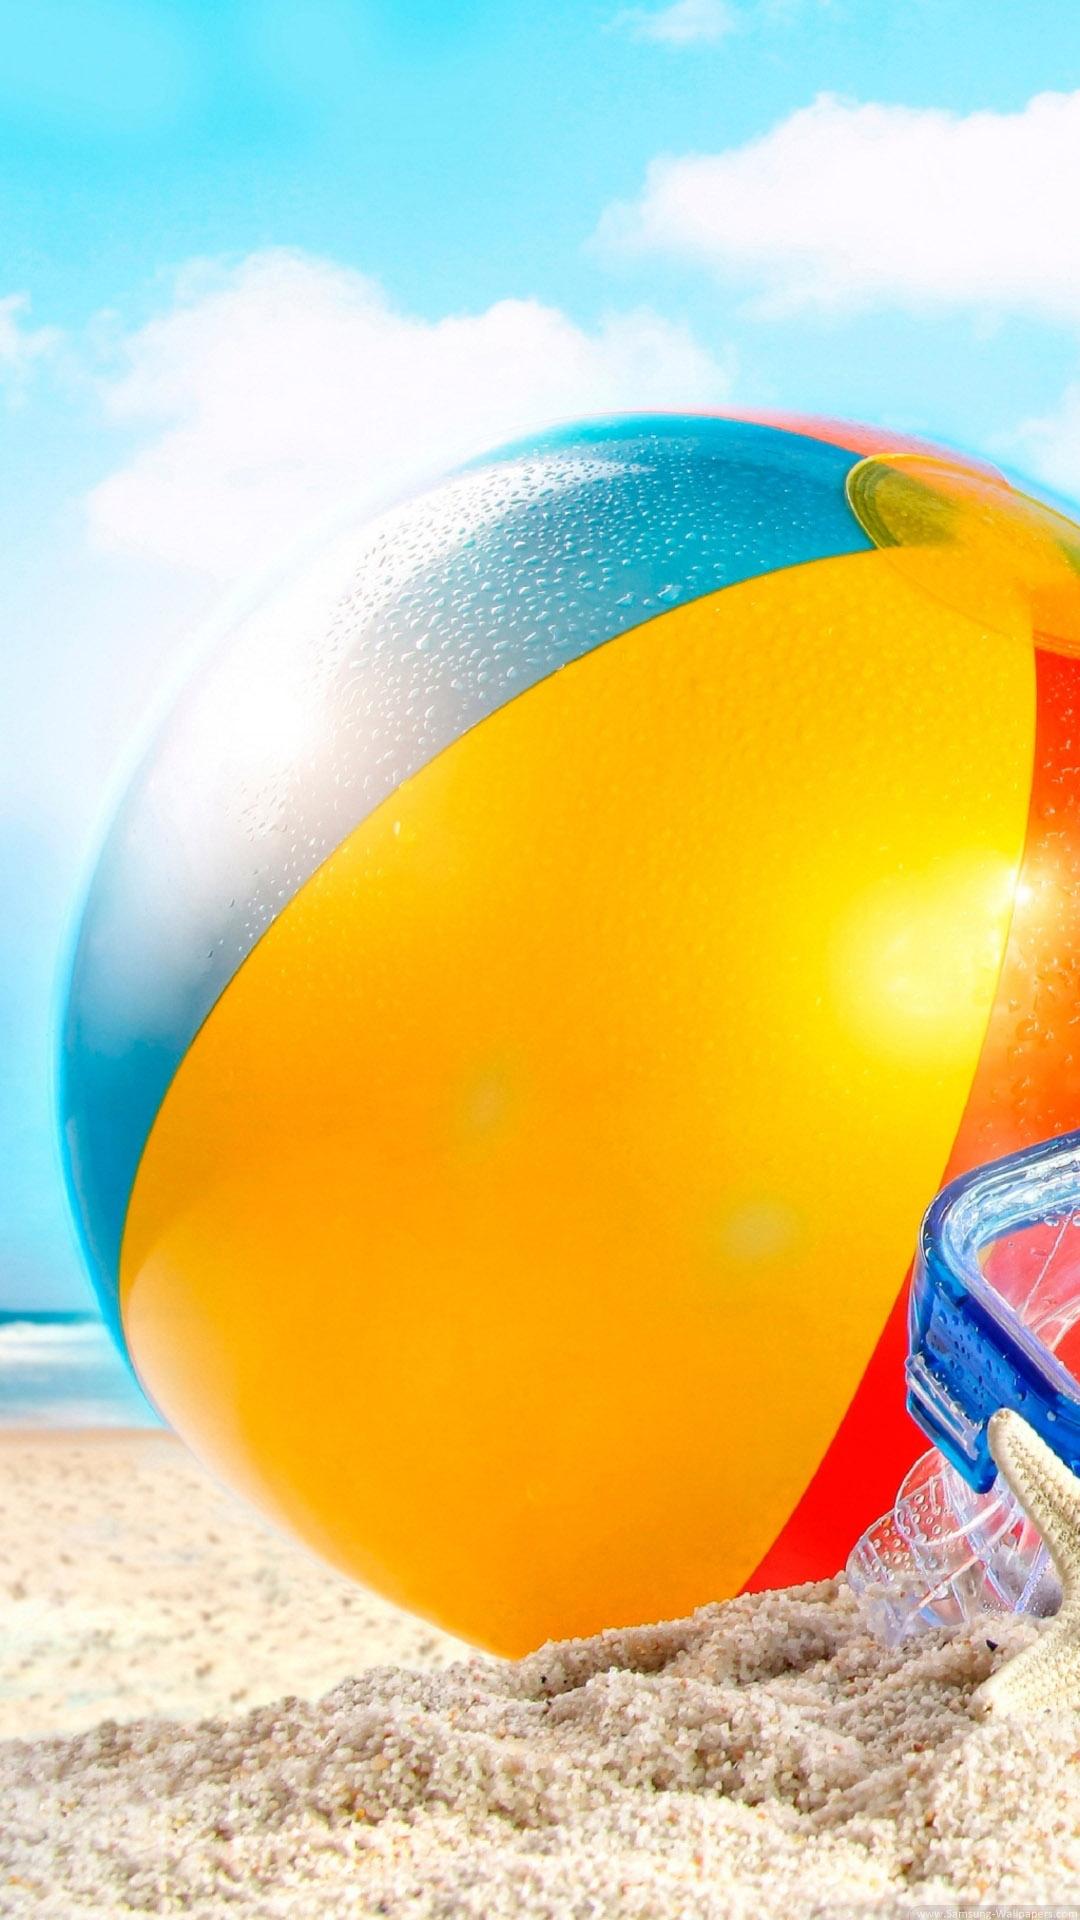 砂の夏のビーチボールiphone8plus壁紙 Iphoneチーズ